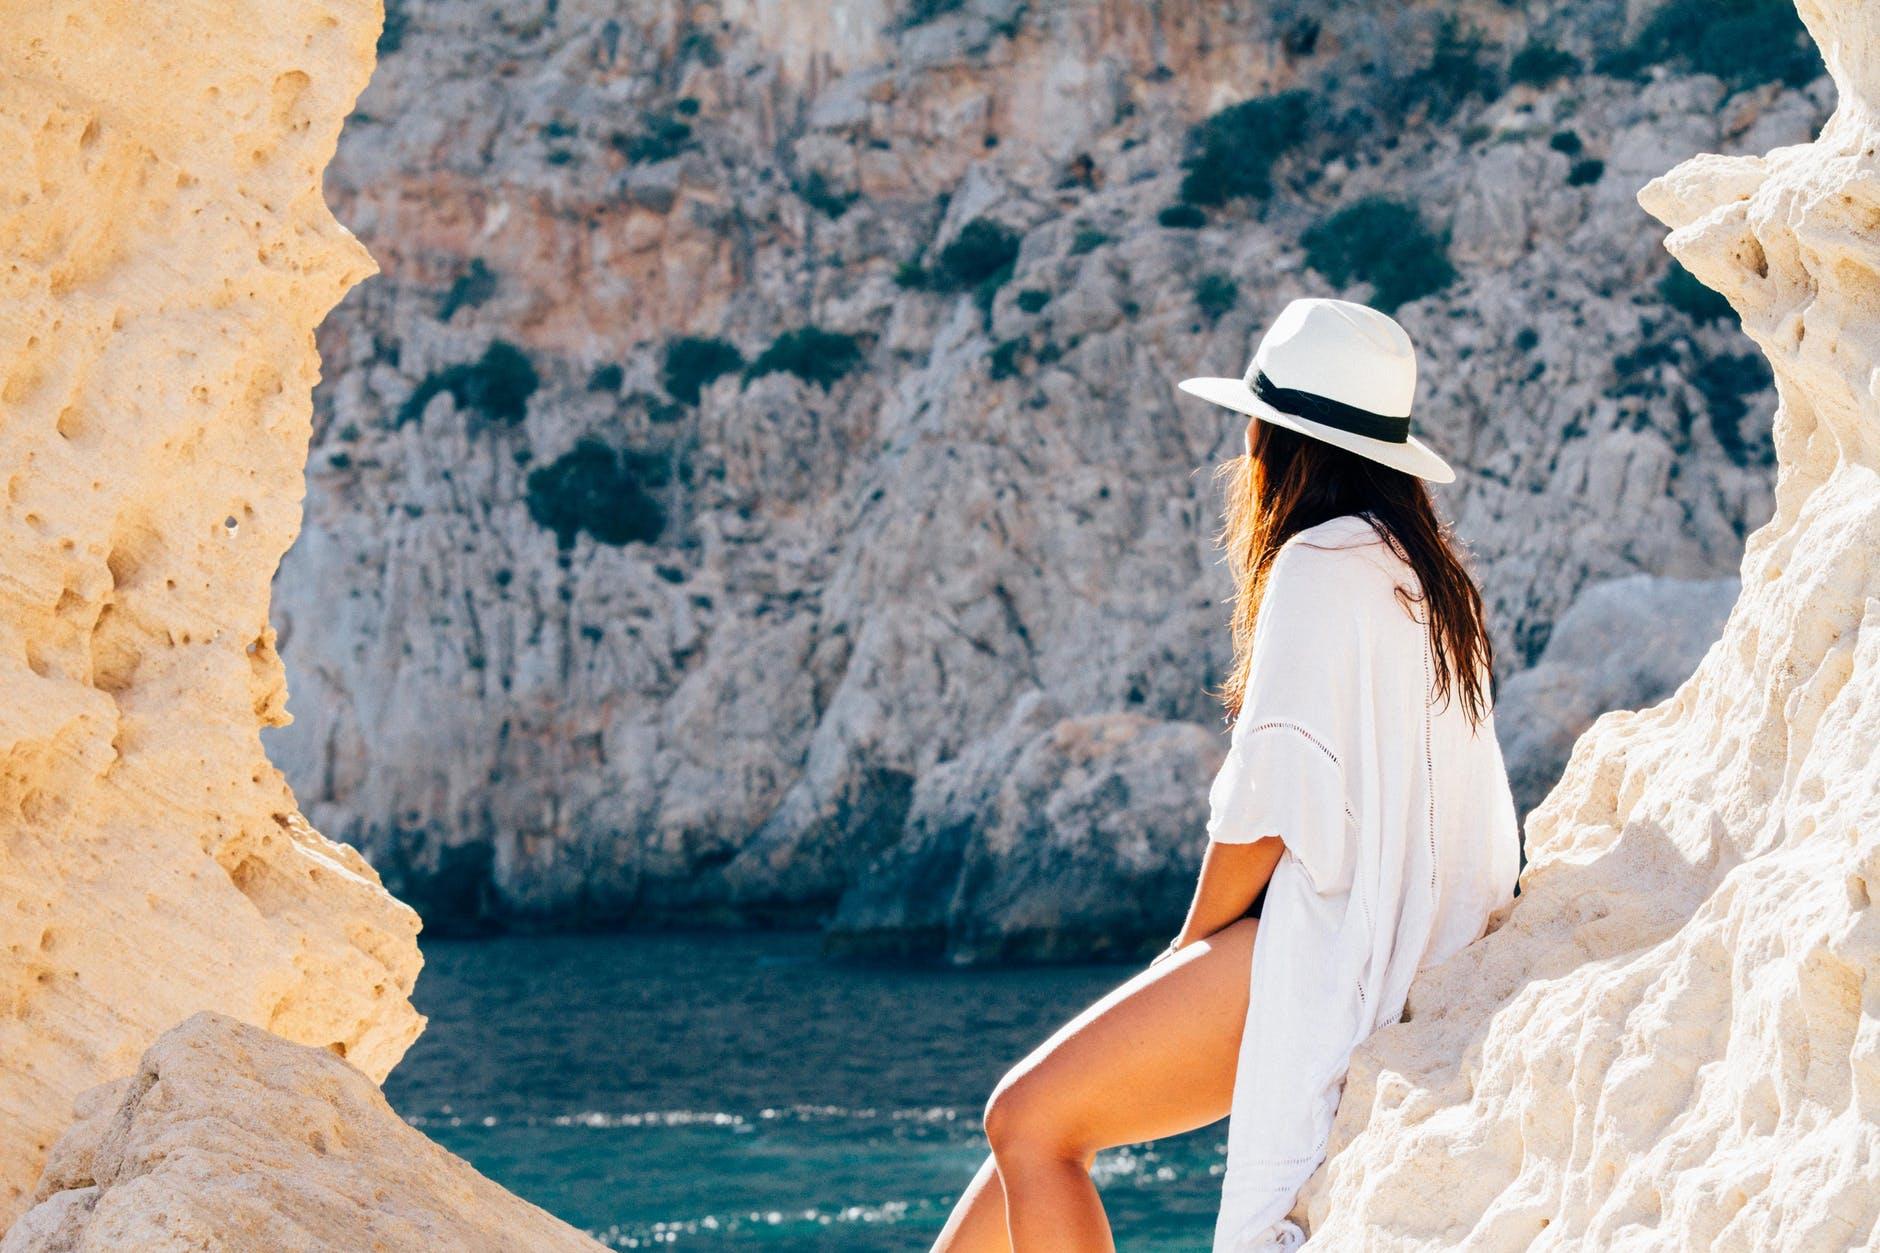 Travelling Alone. Viajar sola y sus beneficios